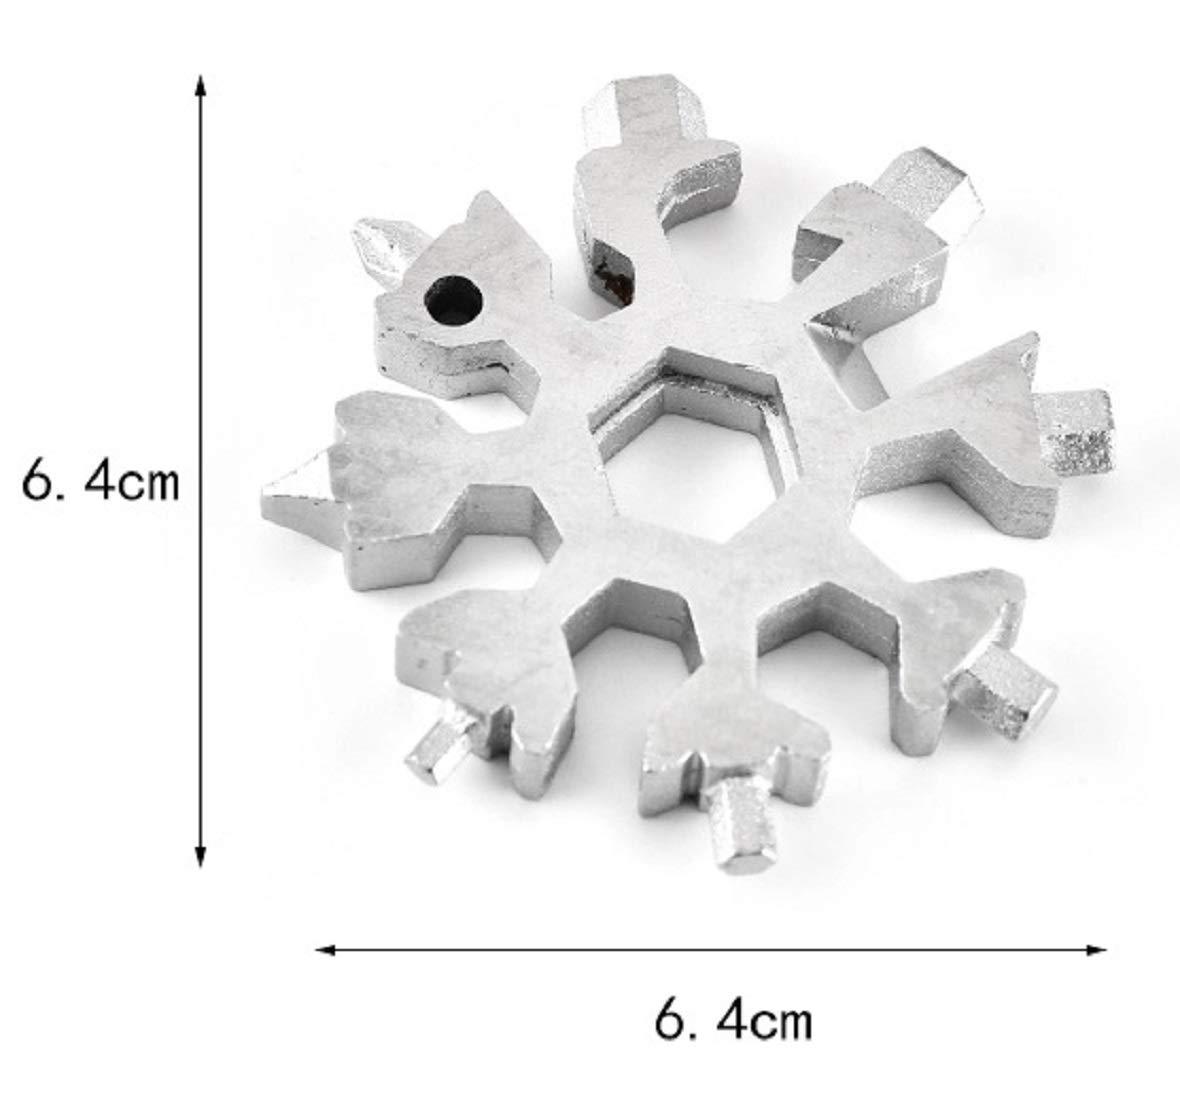 gris, negro herramienta multifunci/ón 12 en 1 herramienta de bolsillo de acero inoxidable multiusos Herramienta multifunci/ón 18 en 1